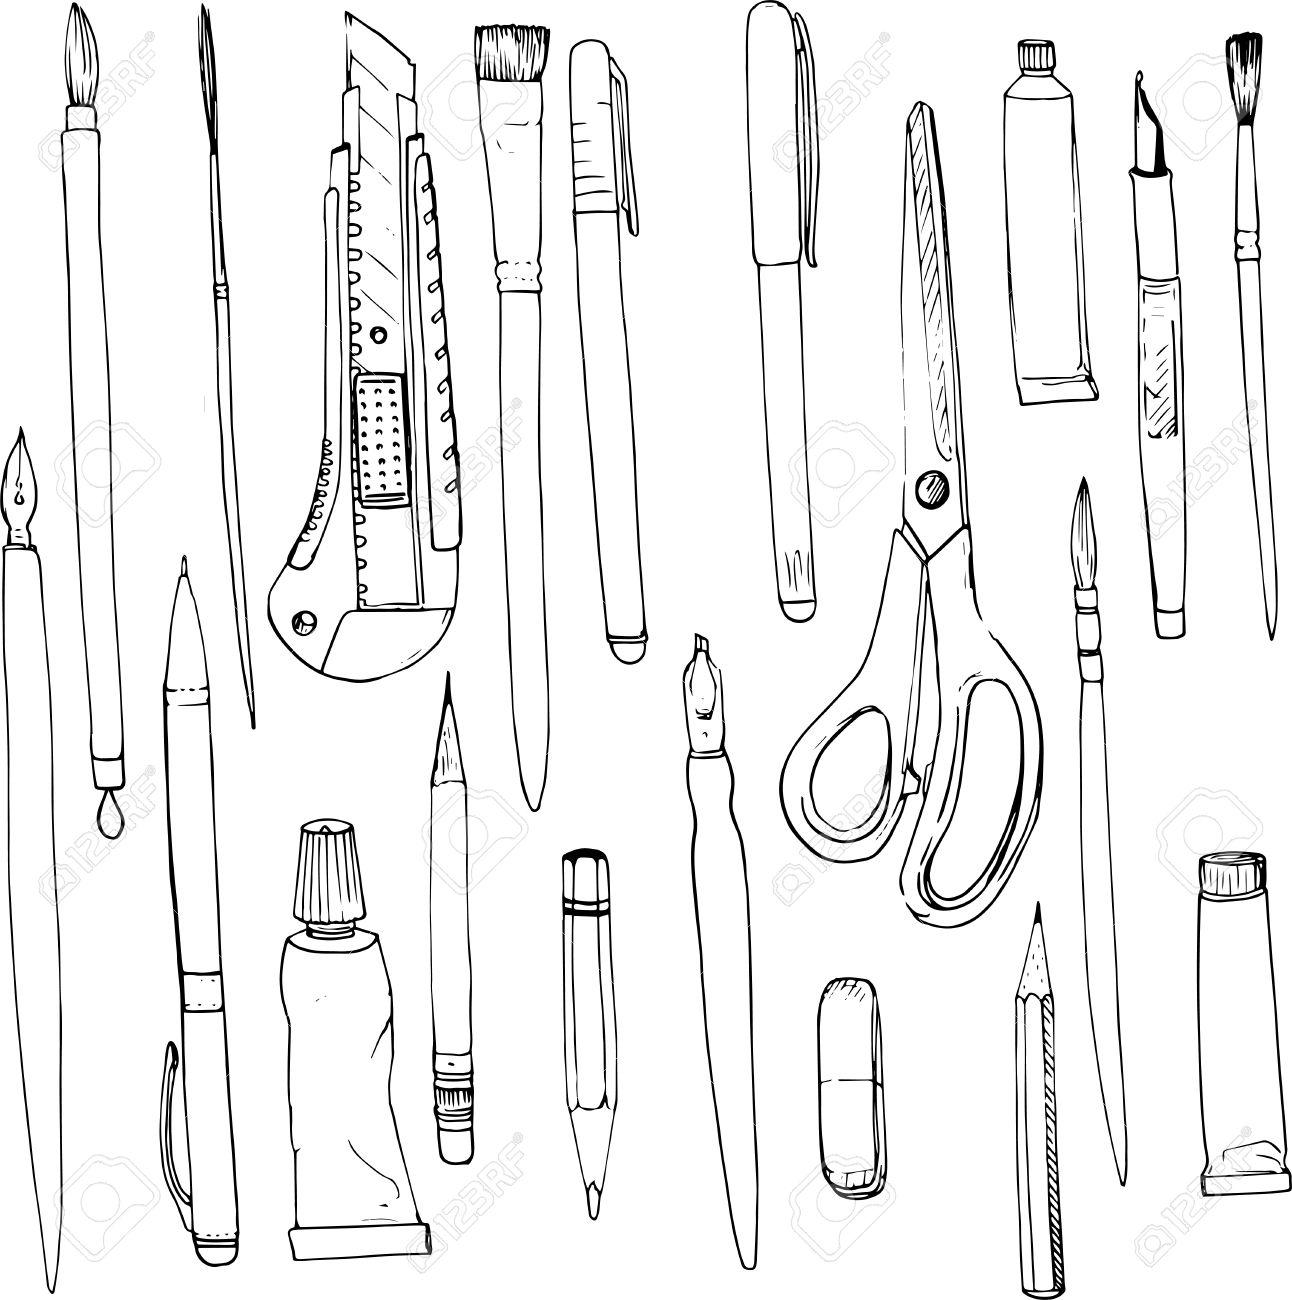 文房具画材線画ペンや鉛筆塗料のブラシチューブ手描きの背景